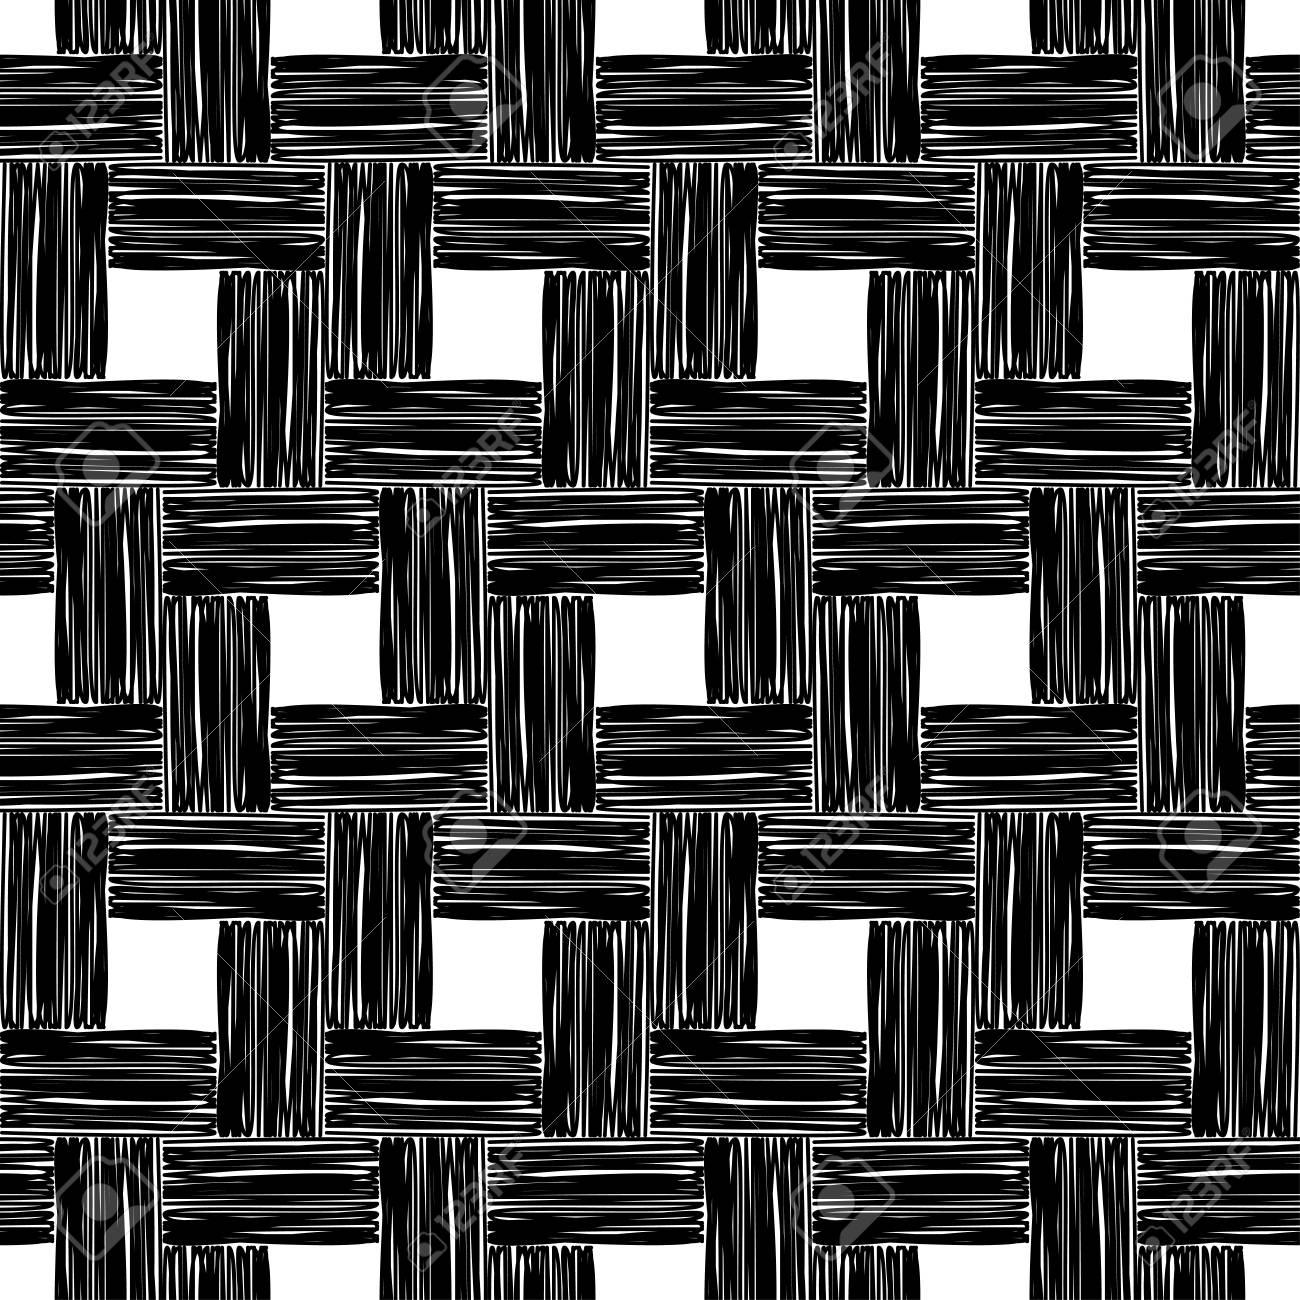 ef19f64b Blanco y negro pintado rayas patrón geométrico transparente . colores  brillantes y elegantes formas. patrones